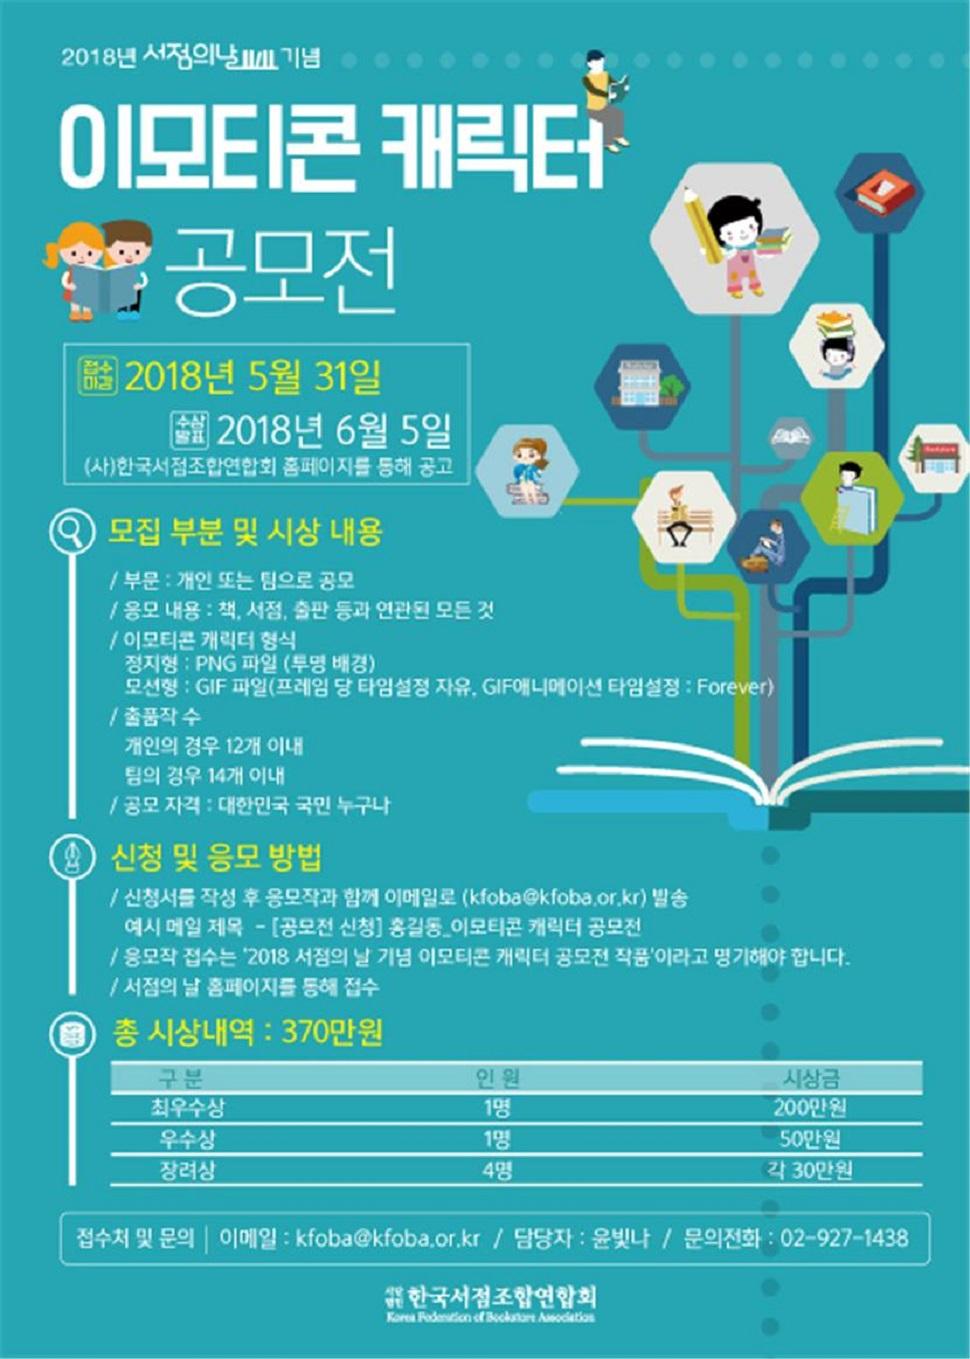 서점의 날 이모티콘 공모전 포스터(사진제공: (사)한국서점조합연합회)